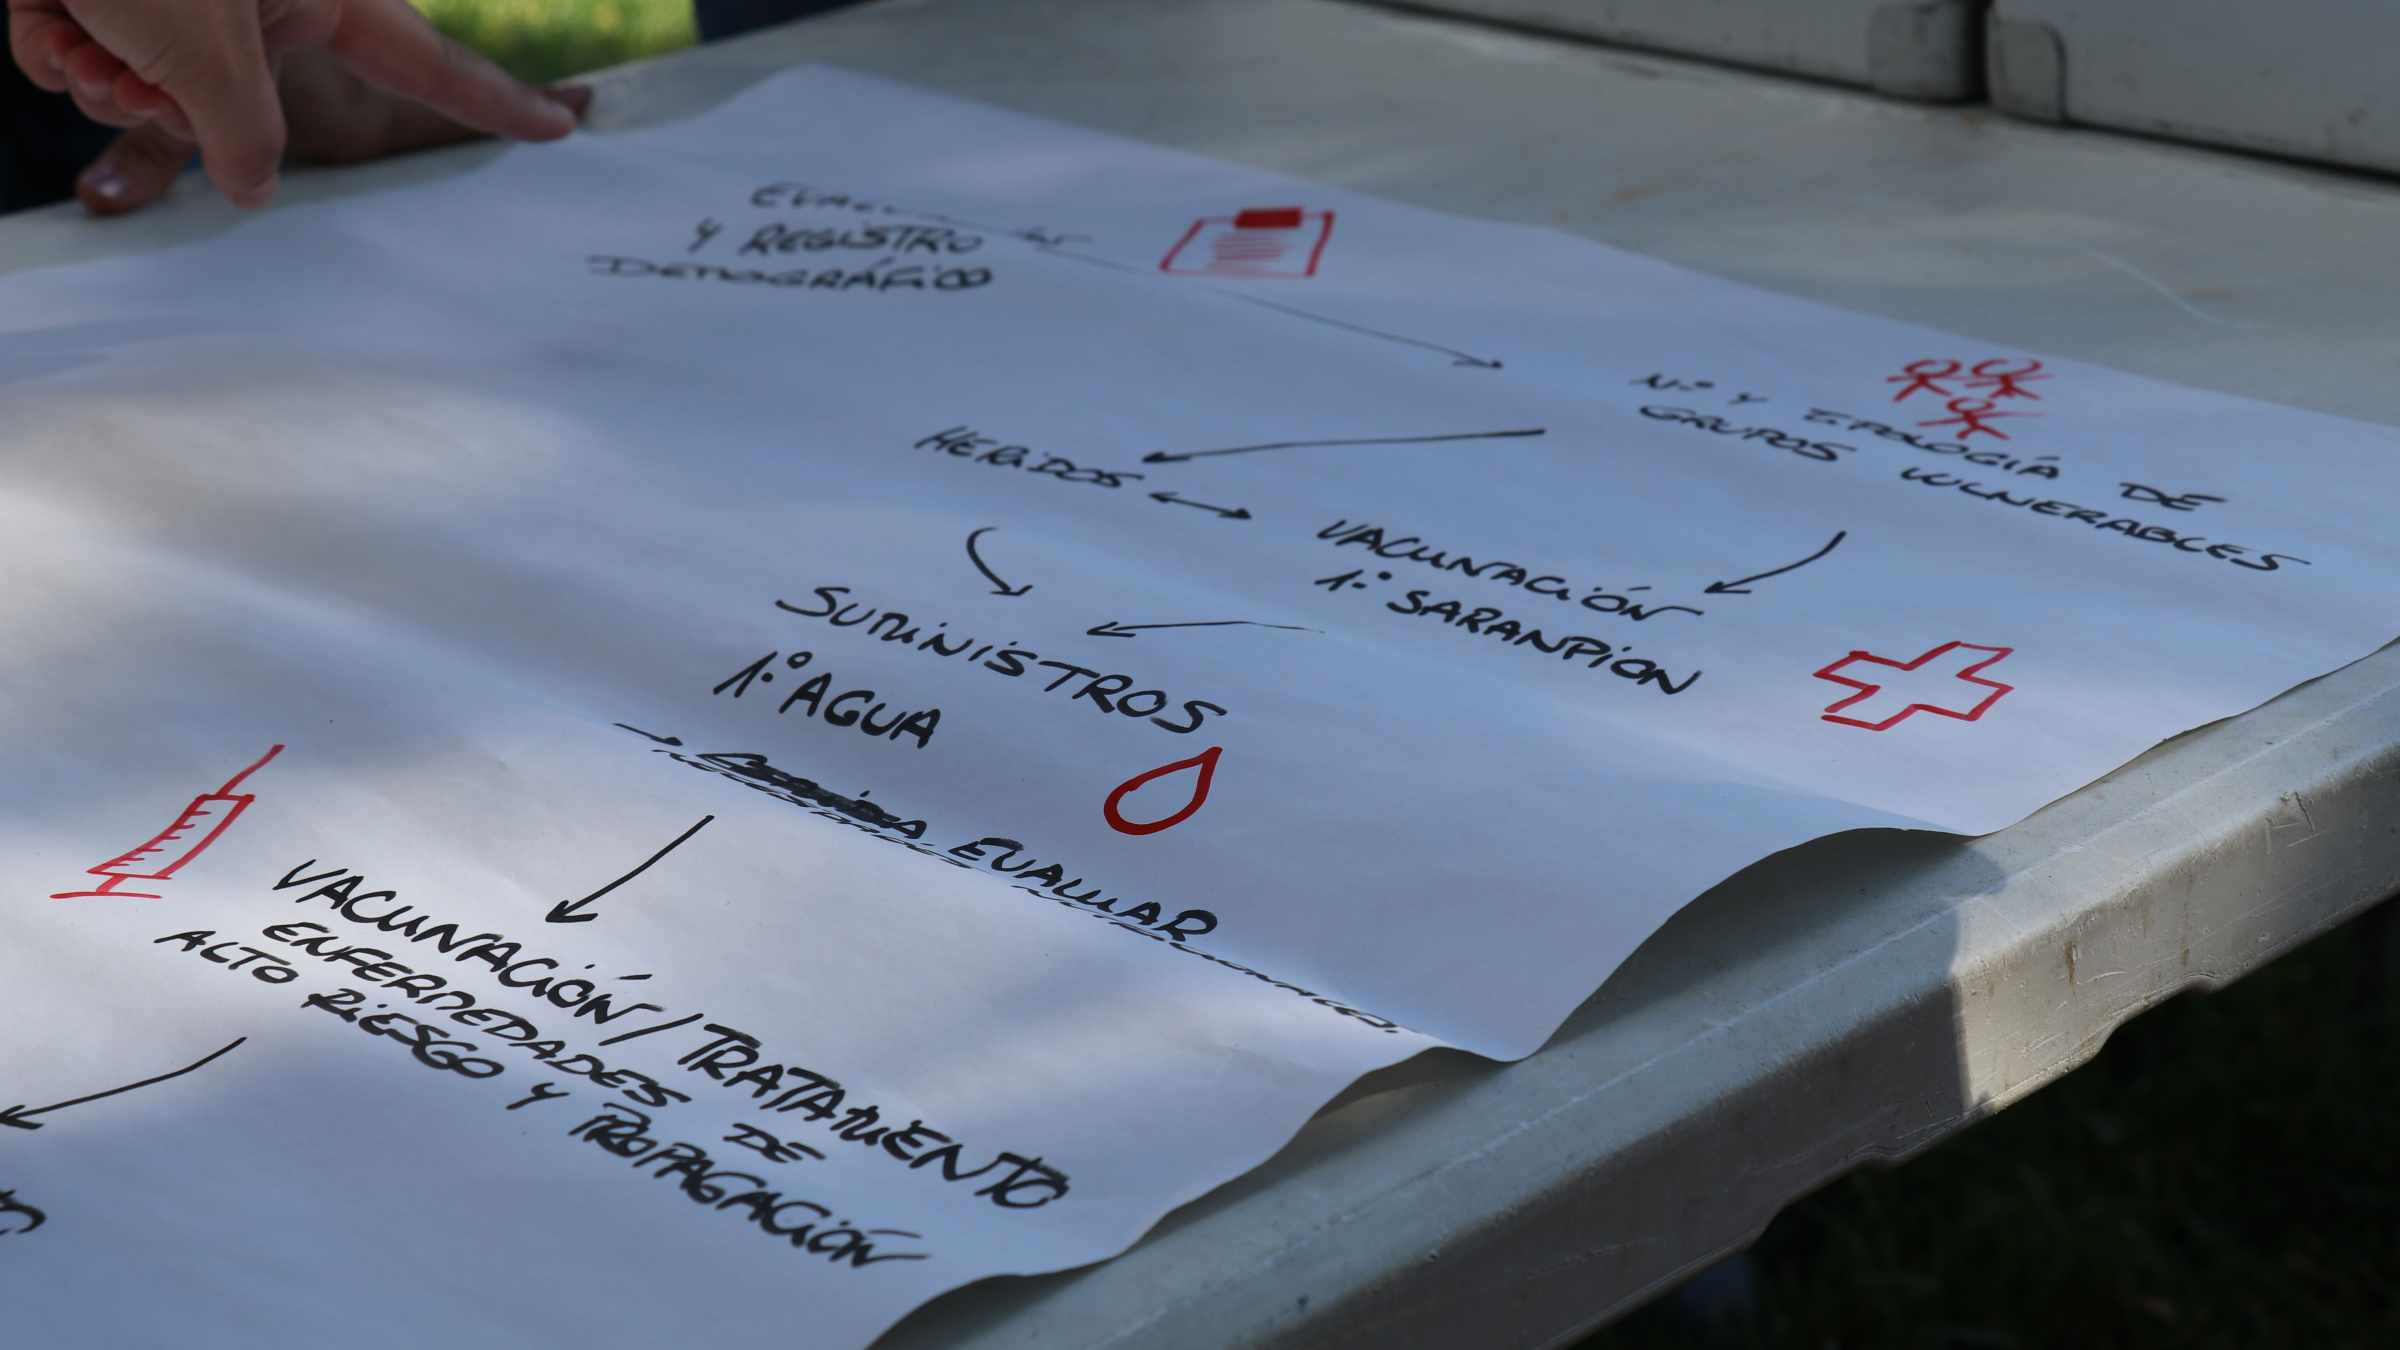 La Cooperativa Humanitaria - El proyecto